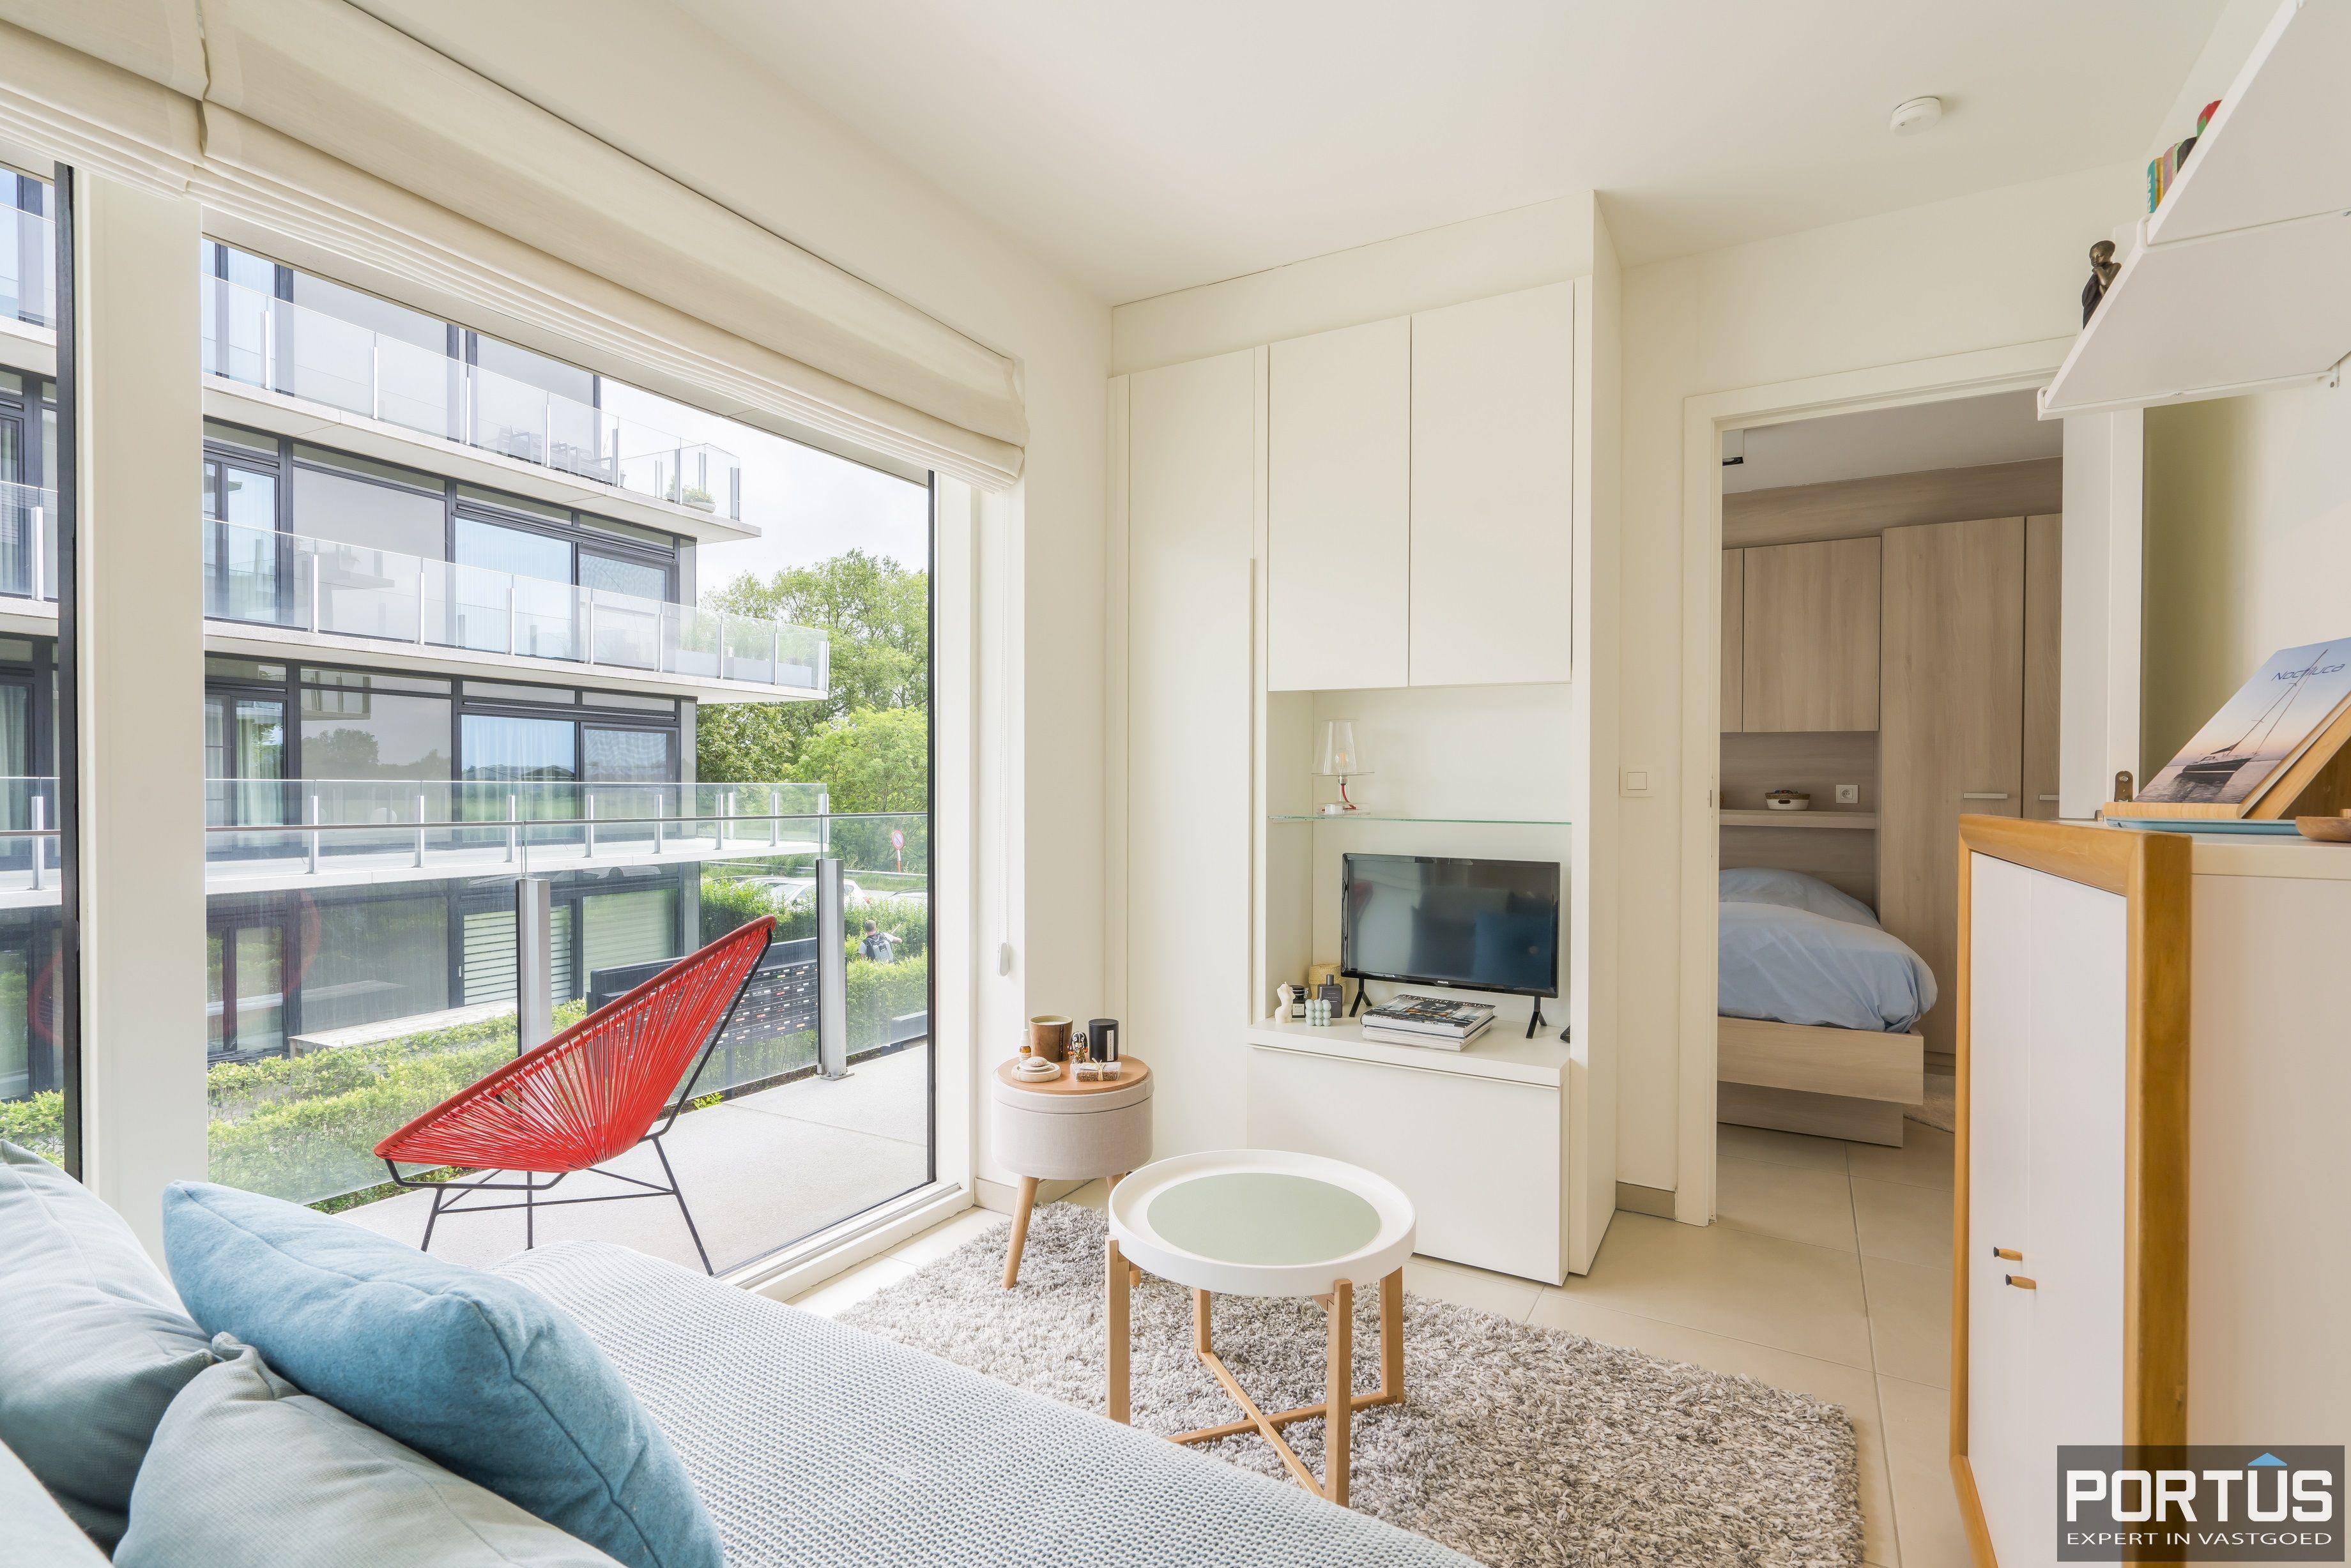 Instapklaar appartement te koop in Residentie Waterfront te Nieuwpoort  - 13295